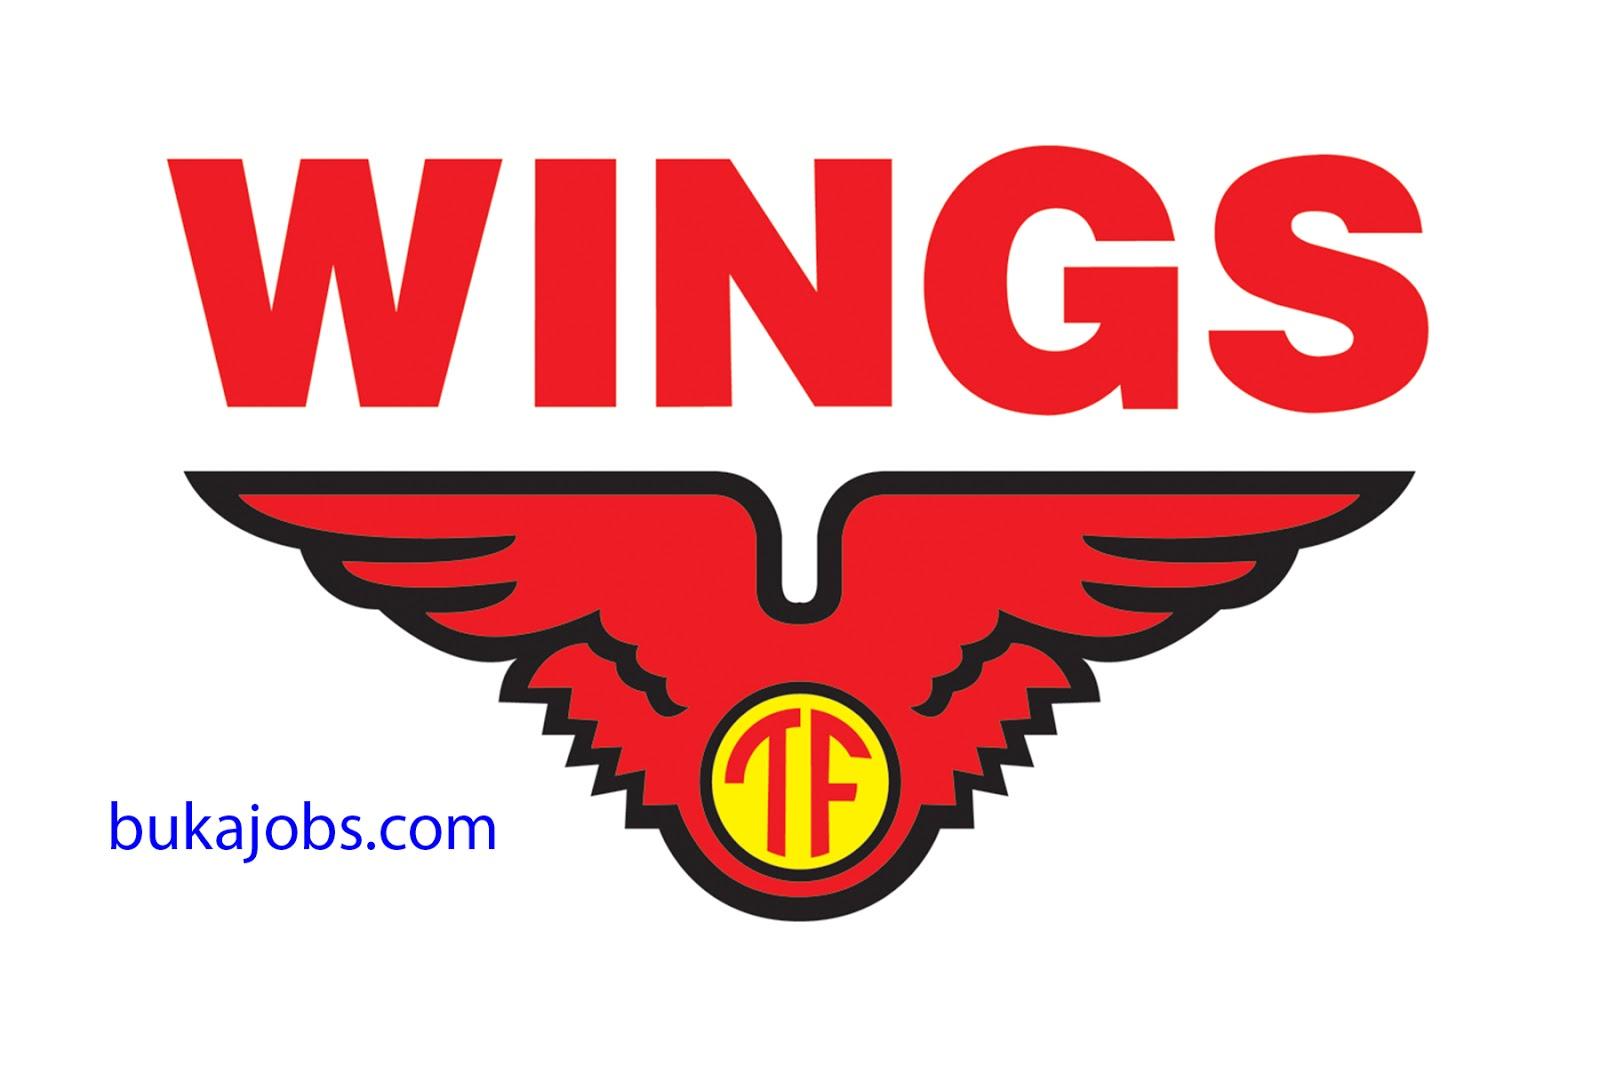 Lowongan Kerja Pt Sayap Mas Utama Wings Group Indonesia 2020 Bukajobs Com